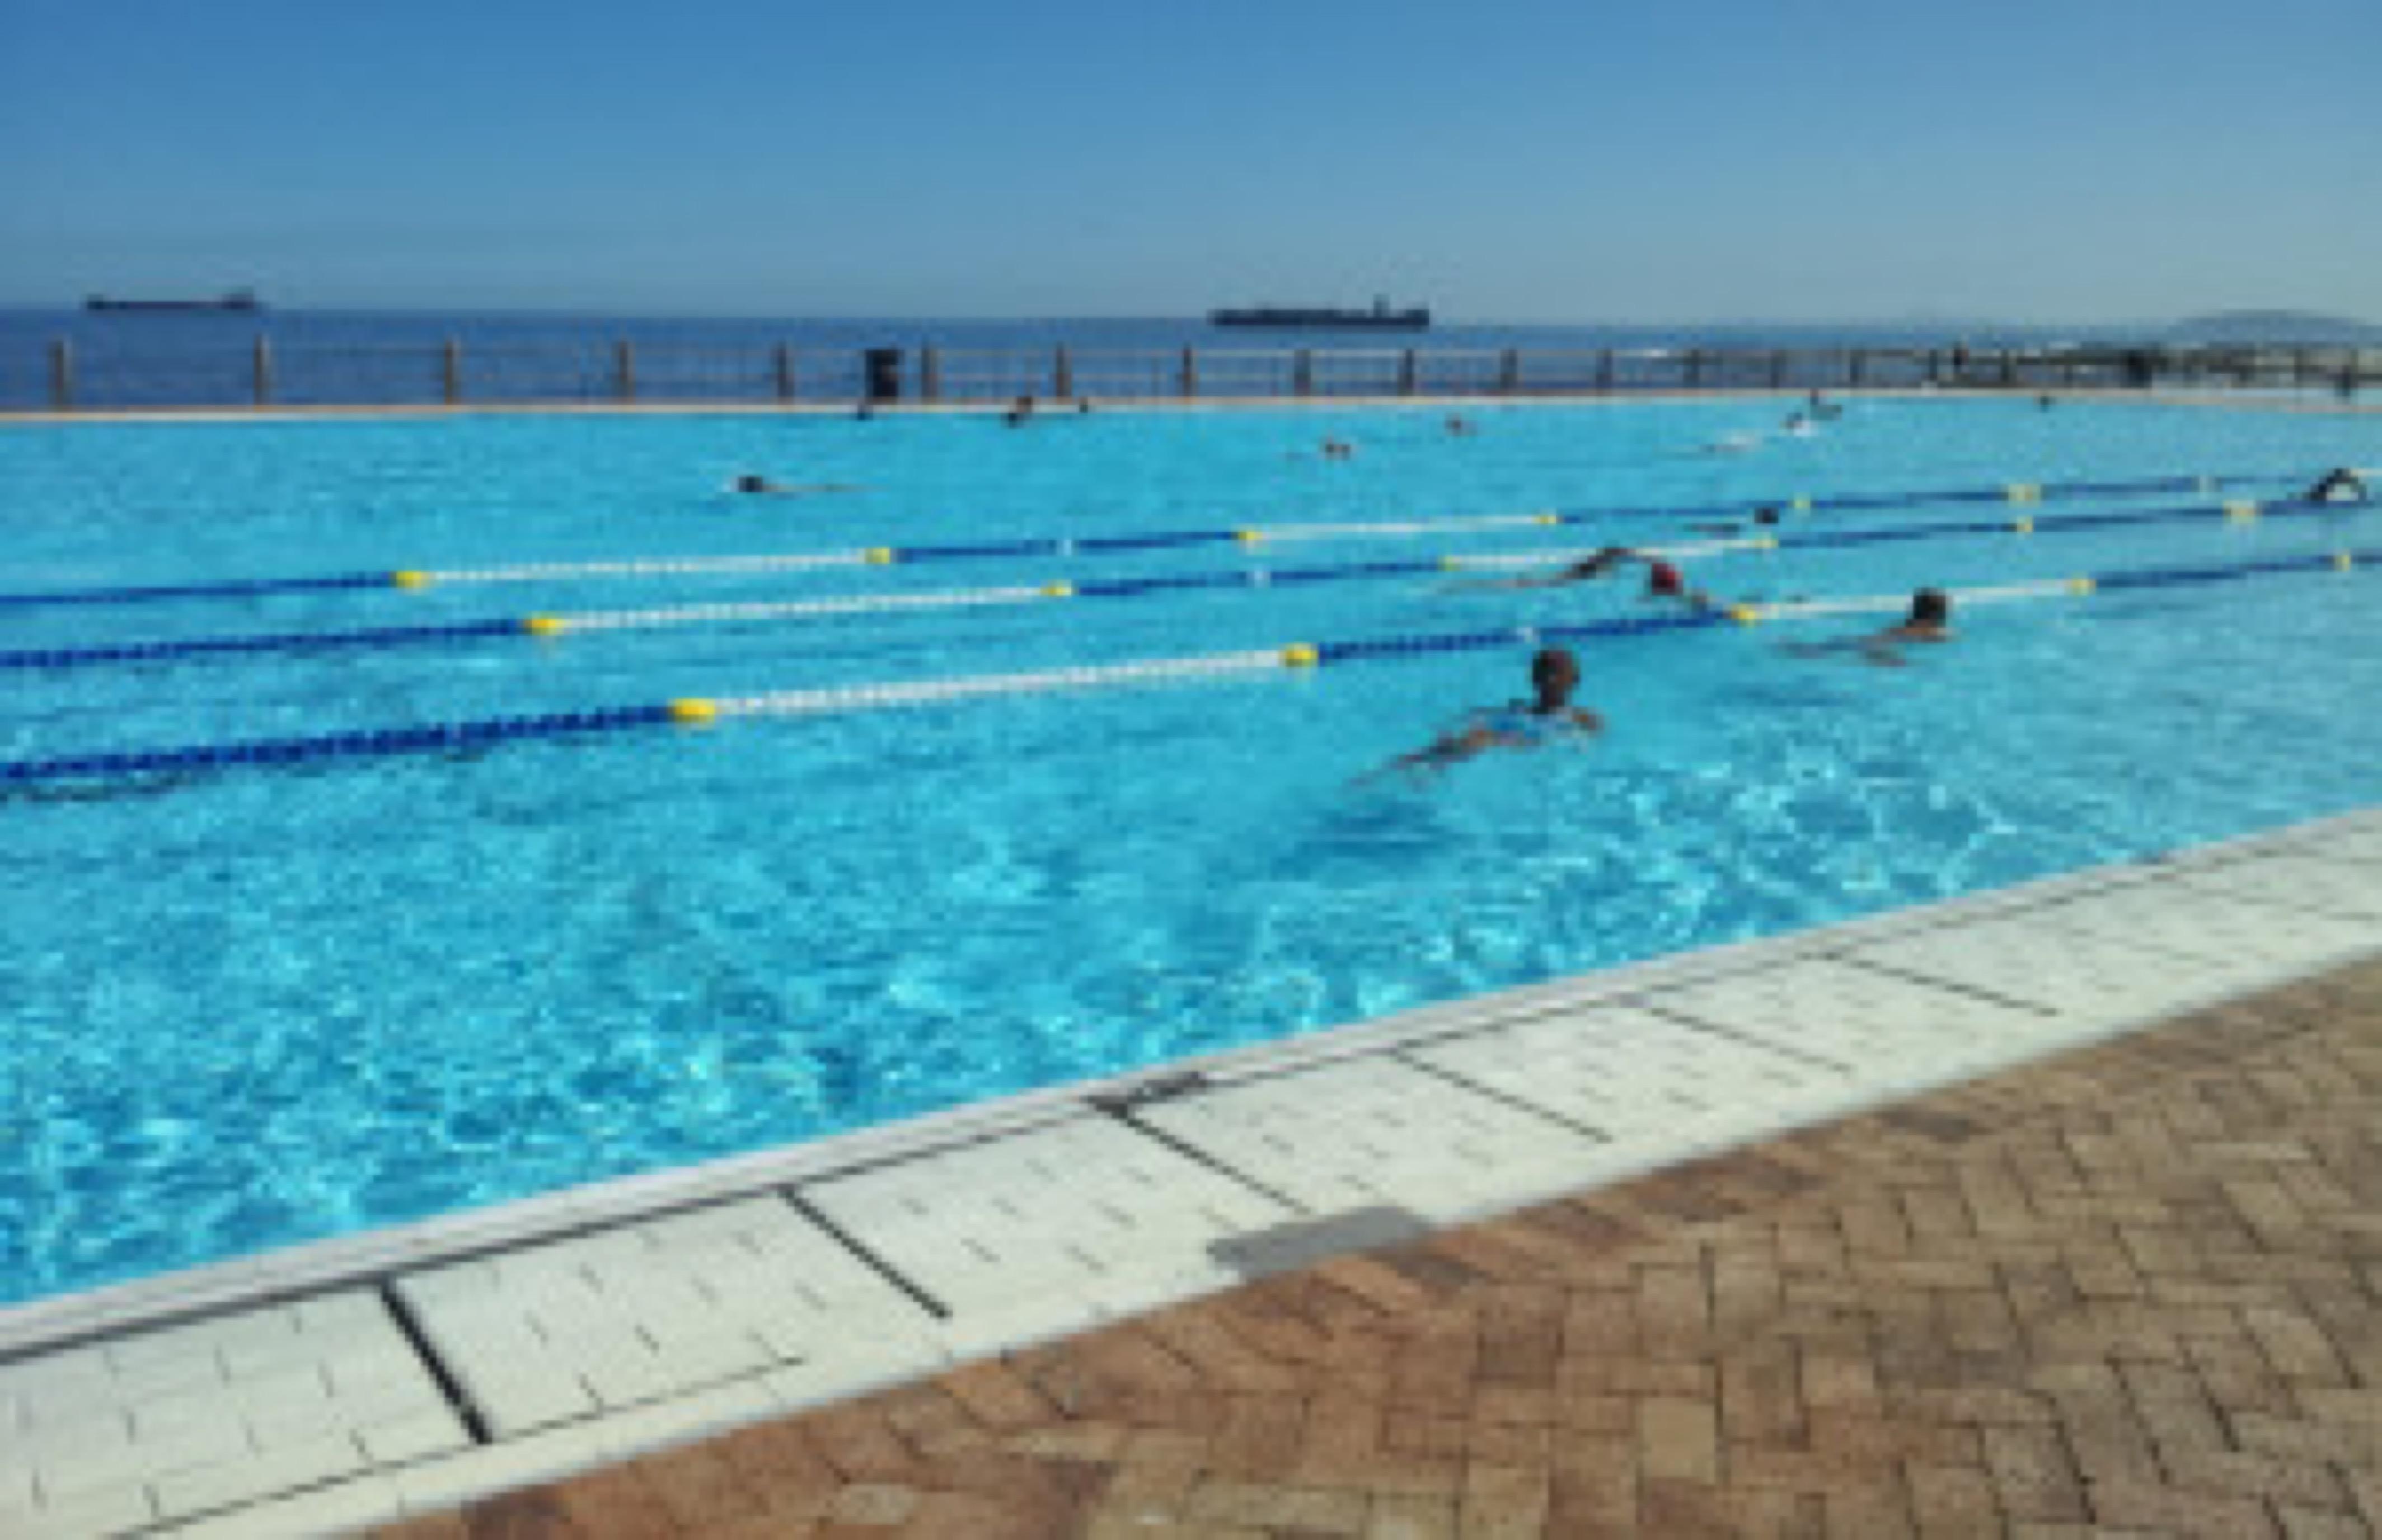 Jane swimming-4 (2) (640x414)